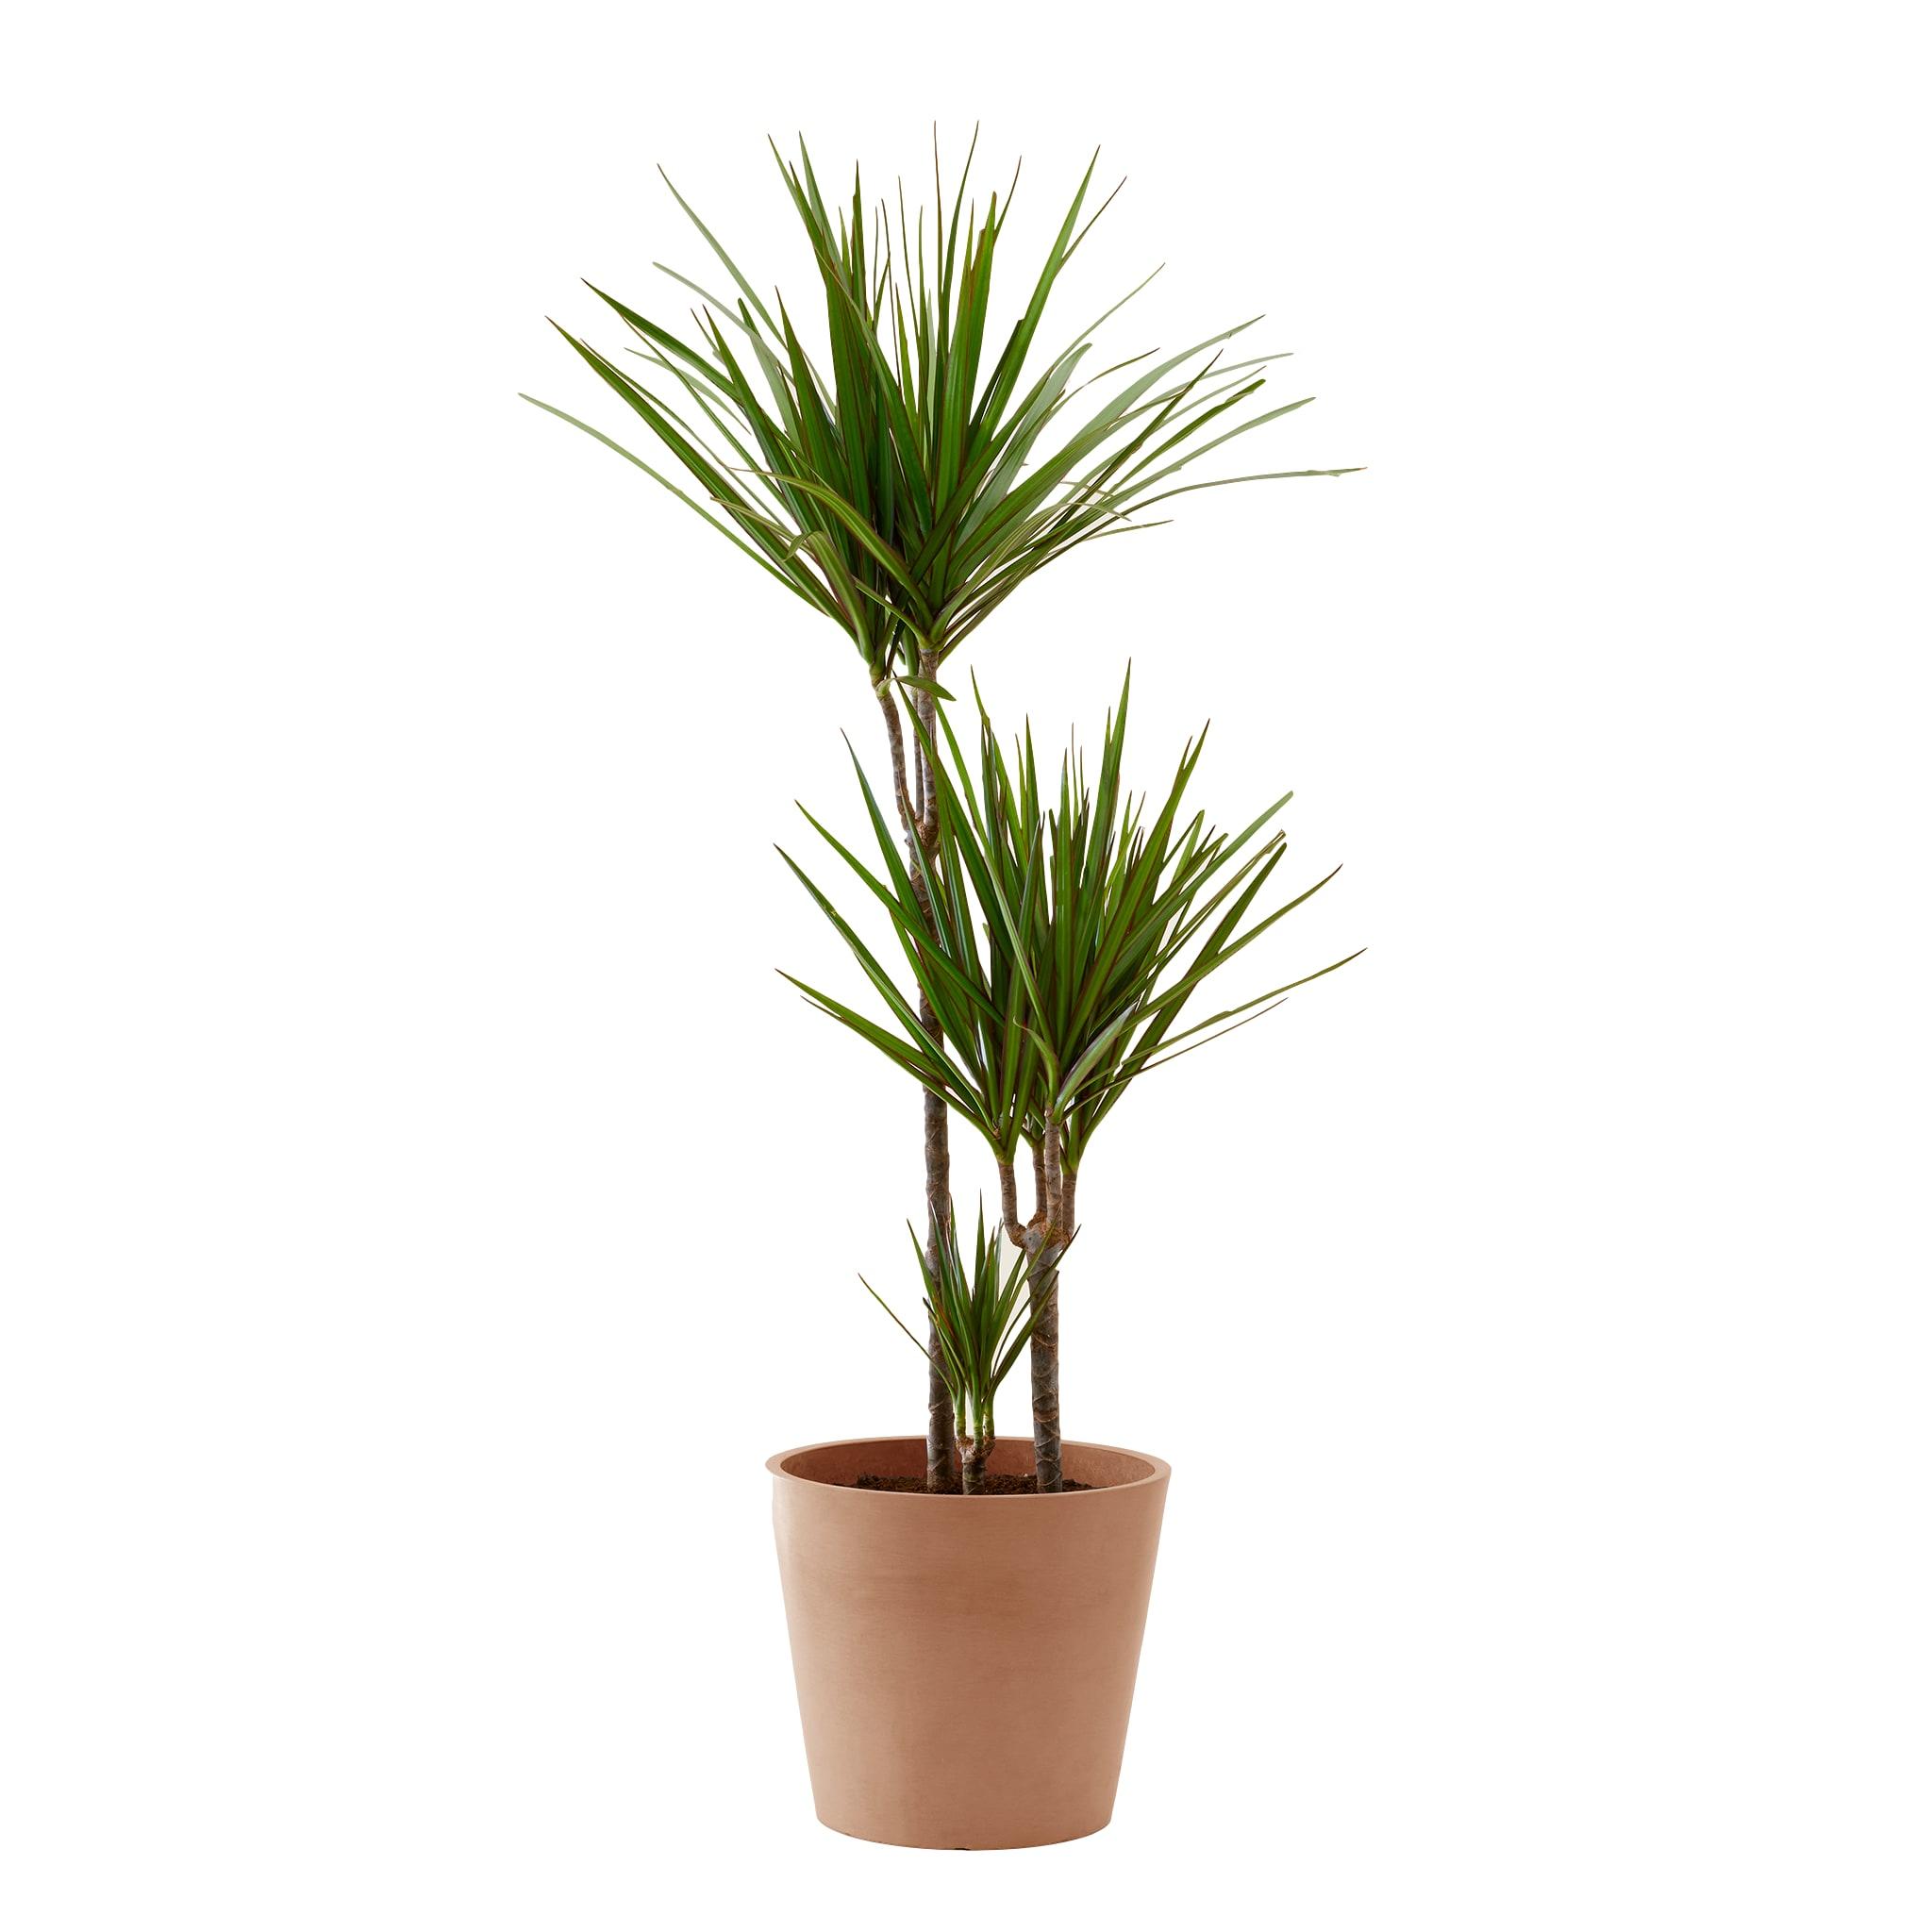 Plante d'intérieur - Dracaena 125 cm en pot terra